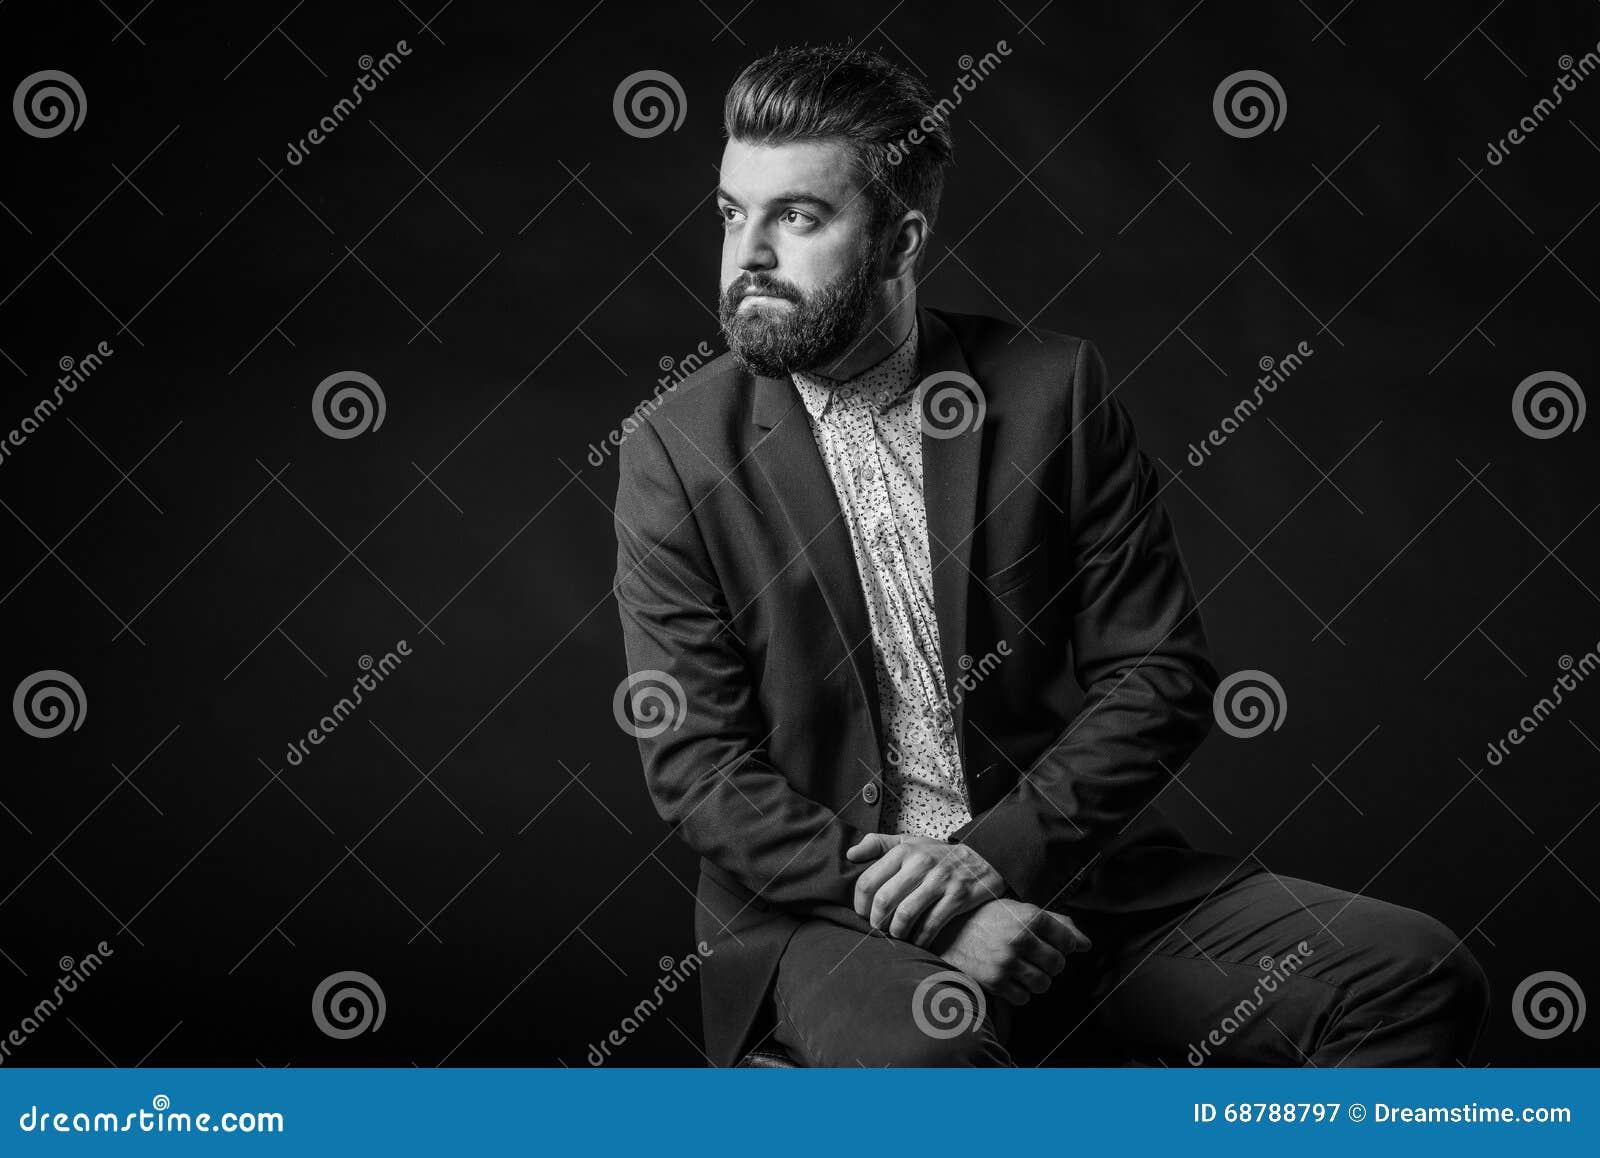 homme avec la barbe noire et blanche photo stock image 68788797. Black Bedroom Furniture Sets. Home Design Ideas